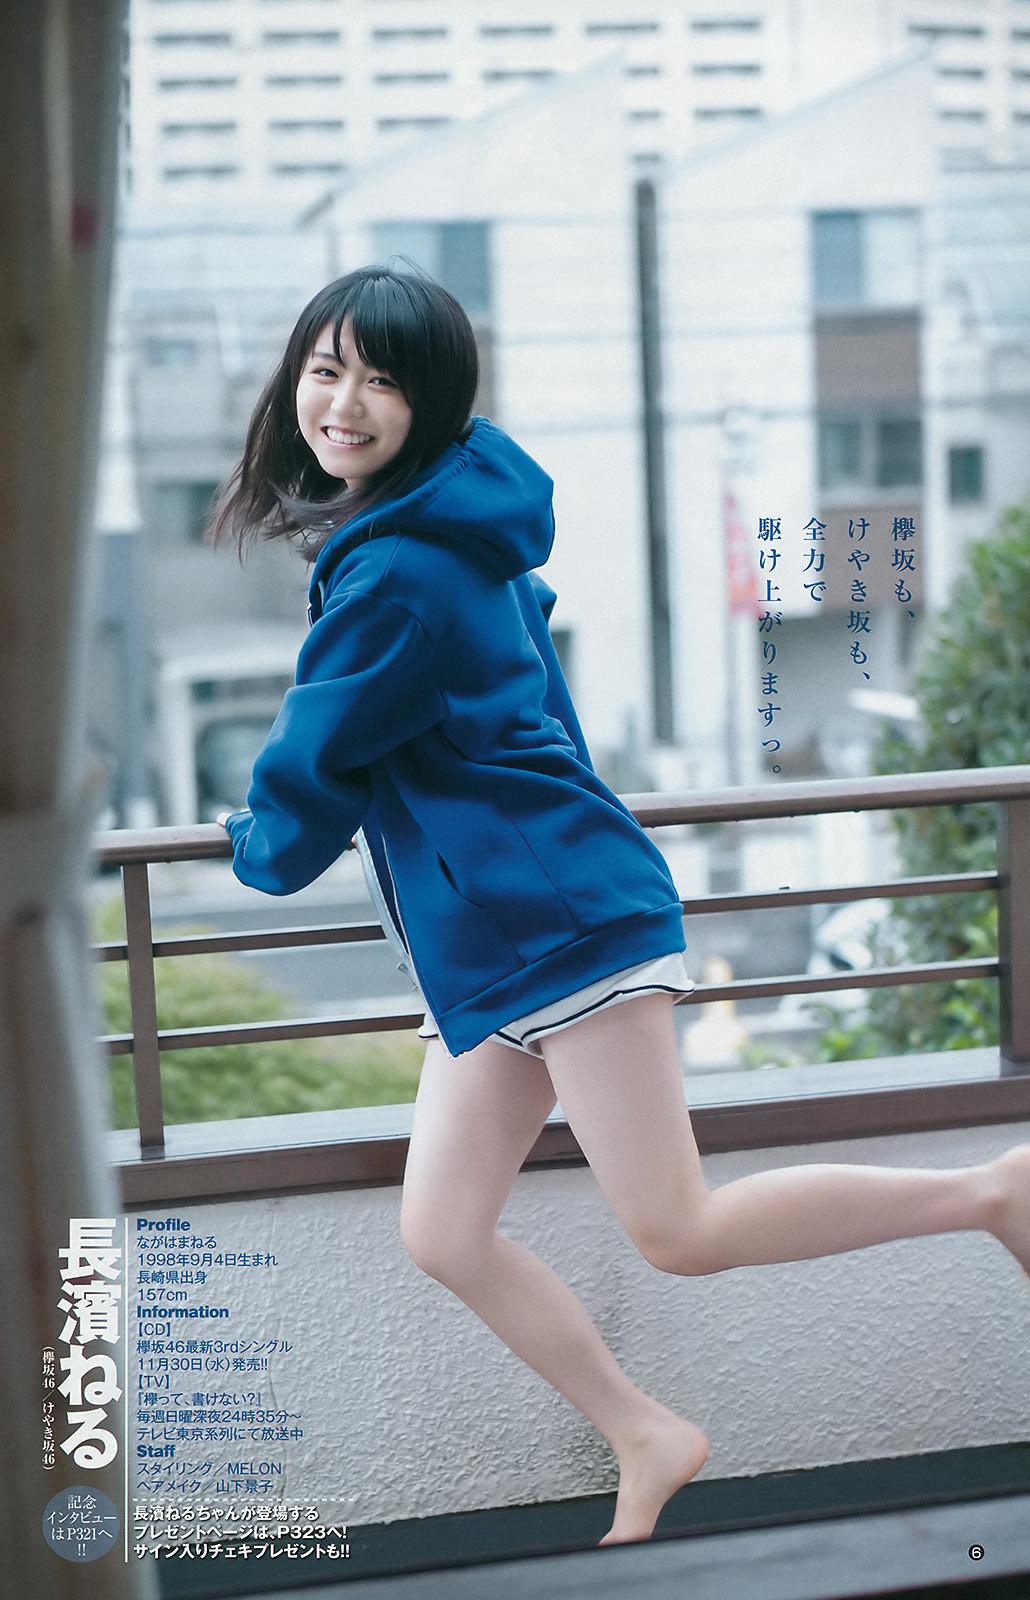 欅坂46長濱ねるちゃんの待ちぼうけグラビア画像 Akbと坂道の画像まとめブログ ガゾ速